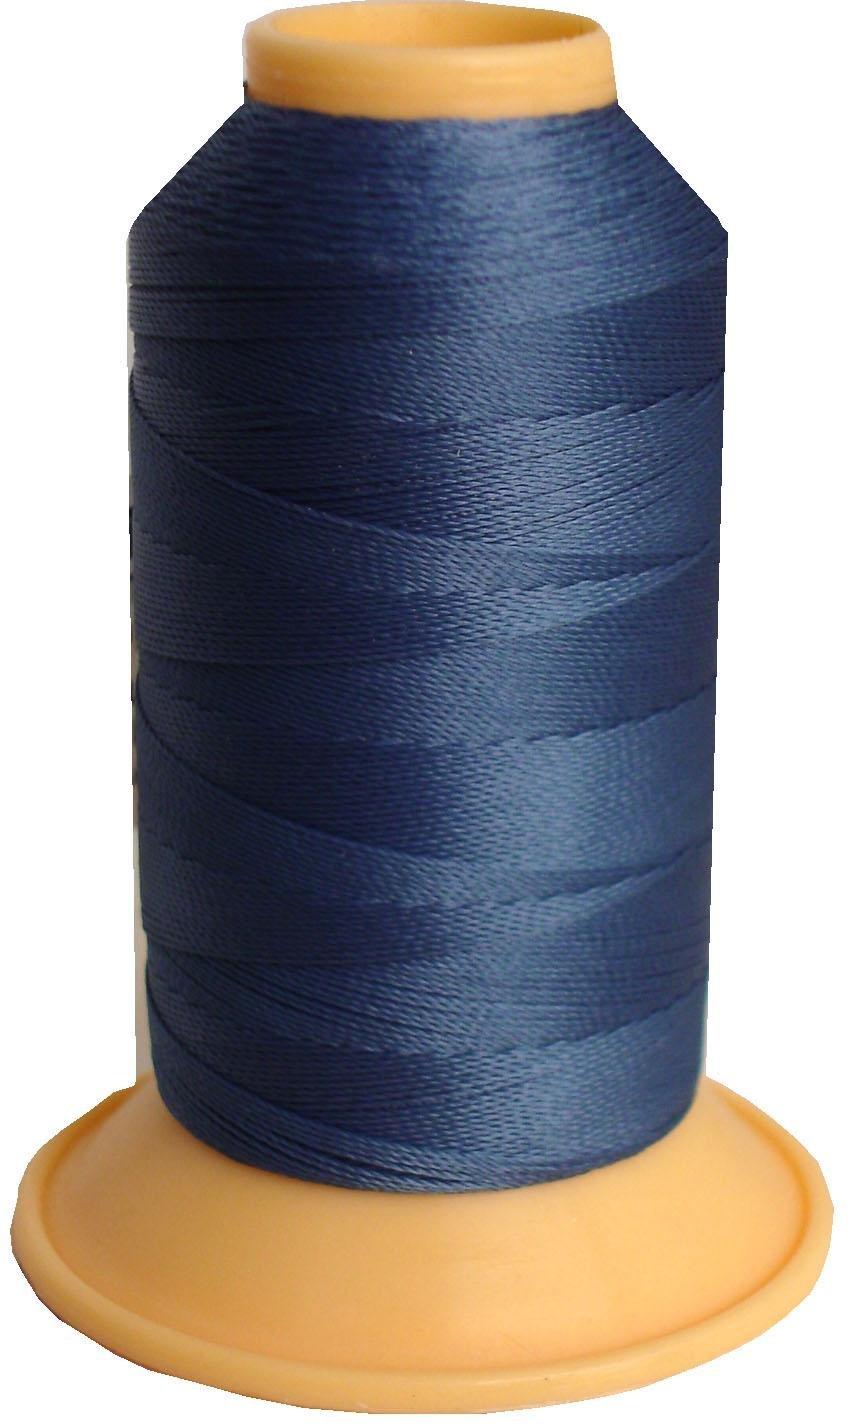 Gutermann heavy duty thread - Stone Blue